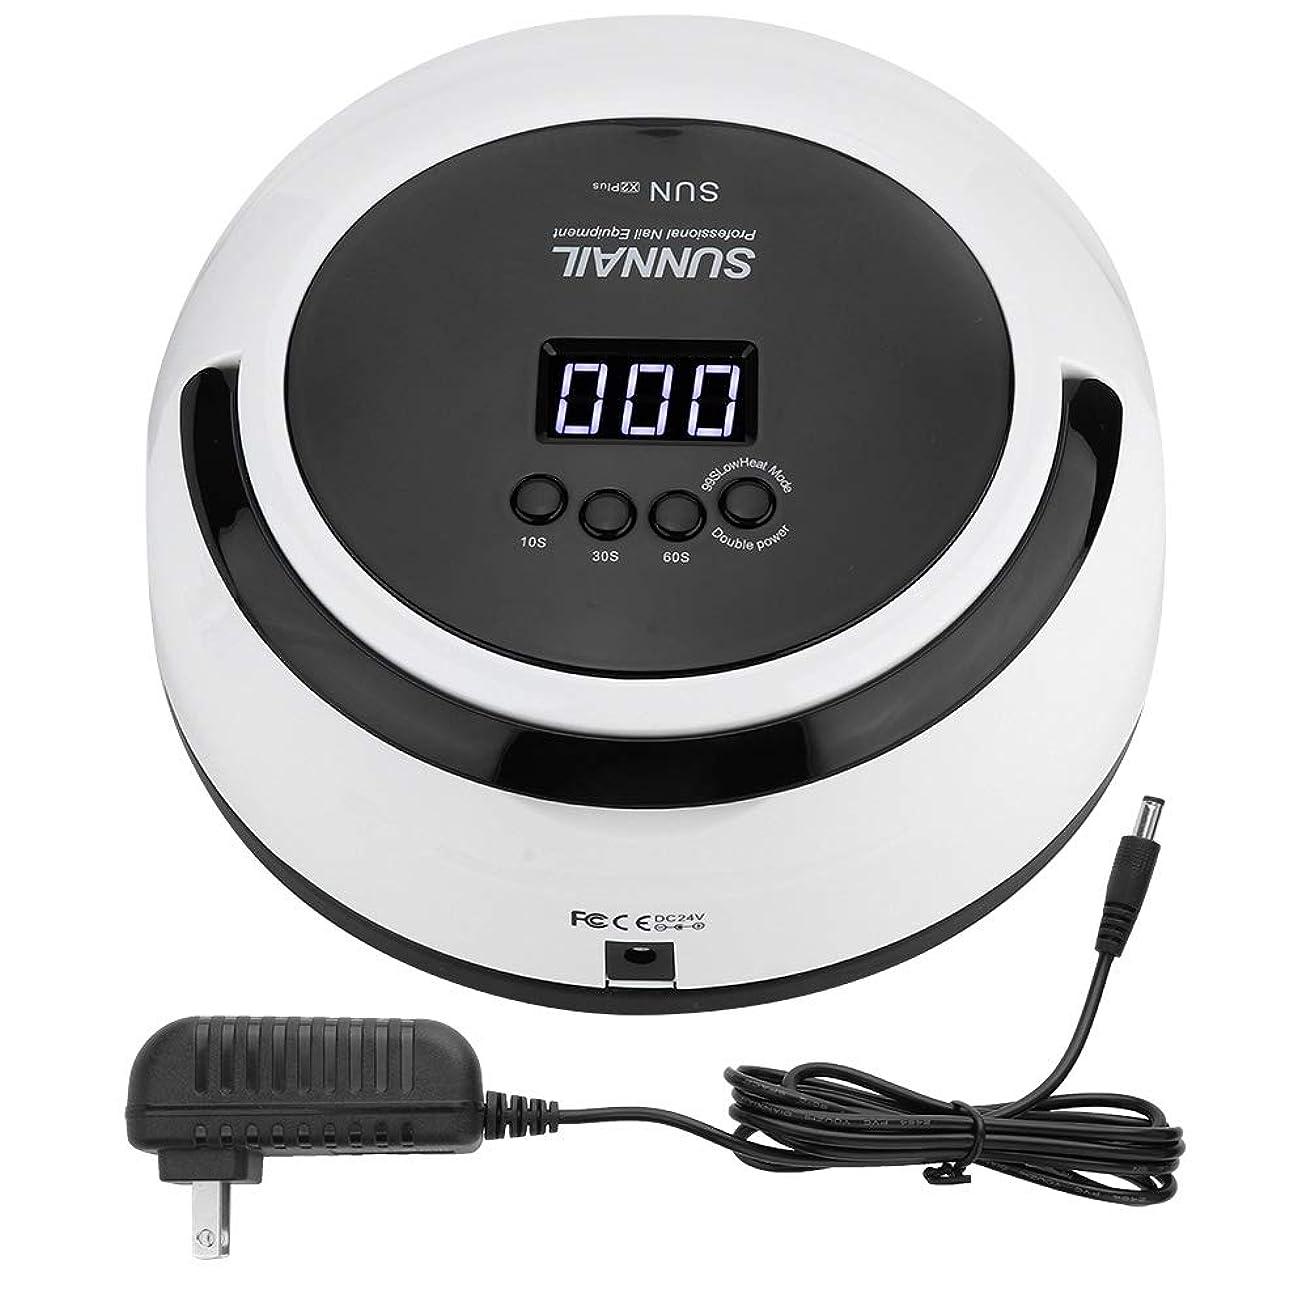 早くネット学部LEDネイルランプ UVネイルドライヤー 5W 多機能 24個LED付き/デュアル光源/ 30秒、60秒、99秒/インテリジェント 赤外線センサーあり(1#)